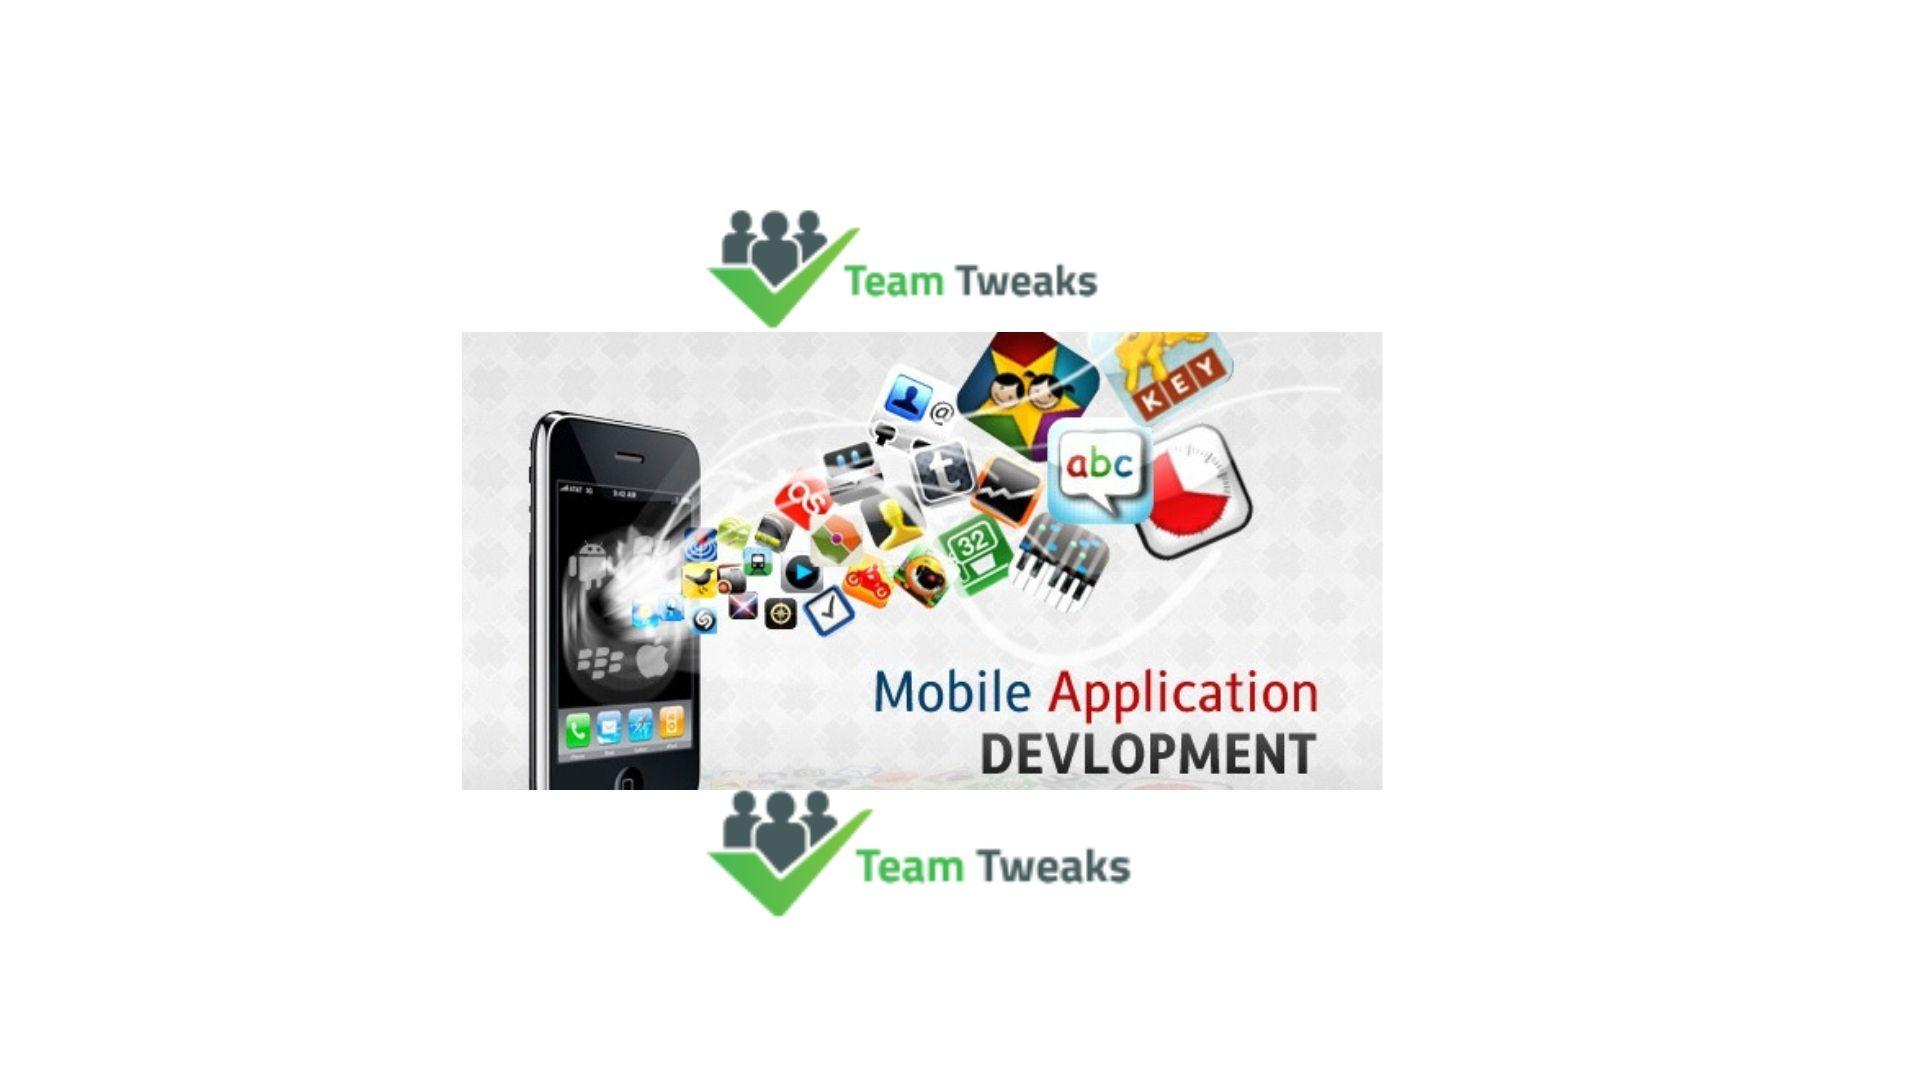 Team tweaks is the best mobile app development